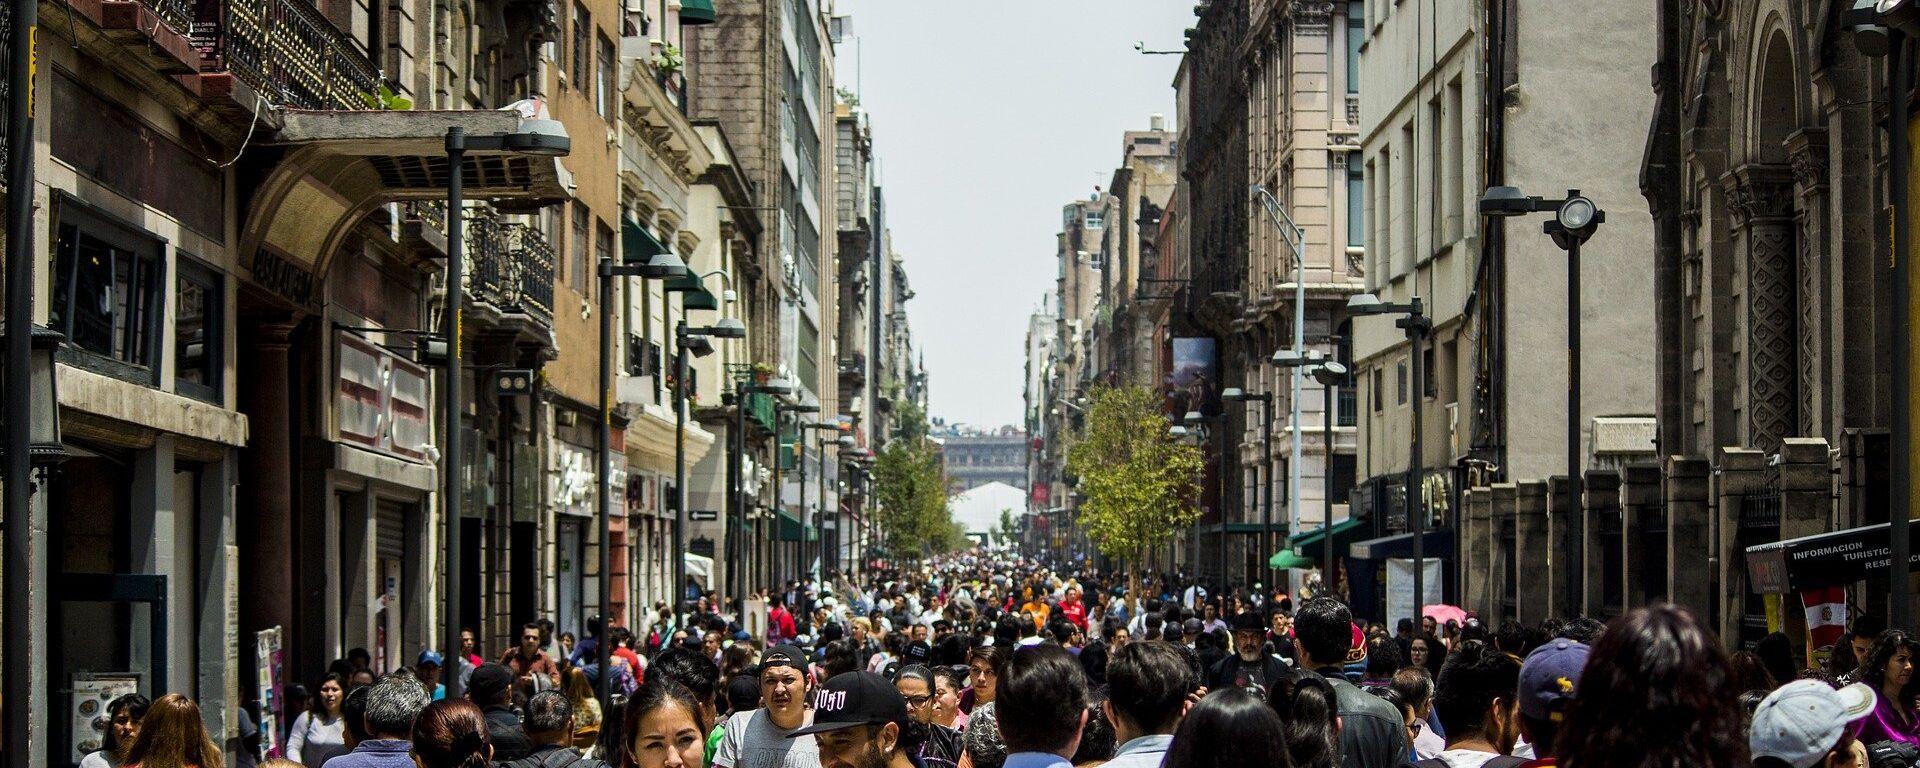 La gente en las calles de Ciudad de México - Sputnik Mundo, 1920, 25.08.2021